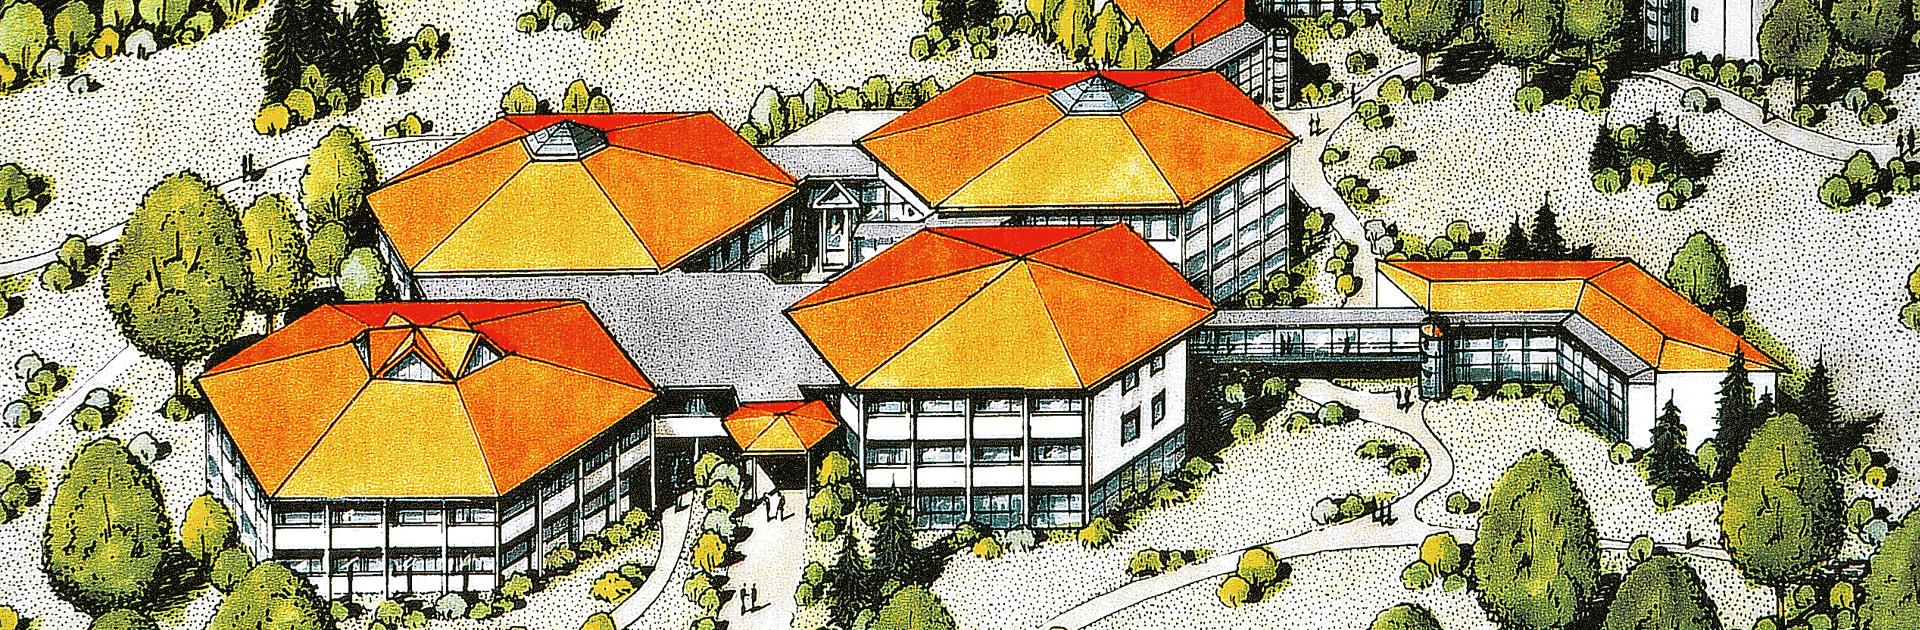 Architektenbild Tannheim